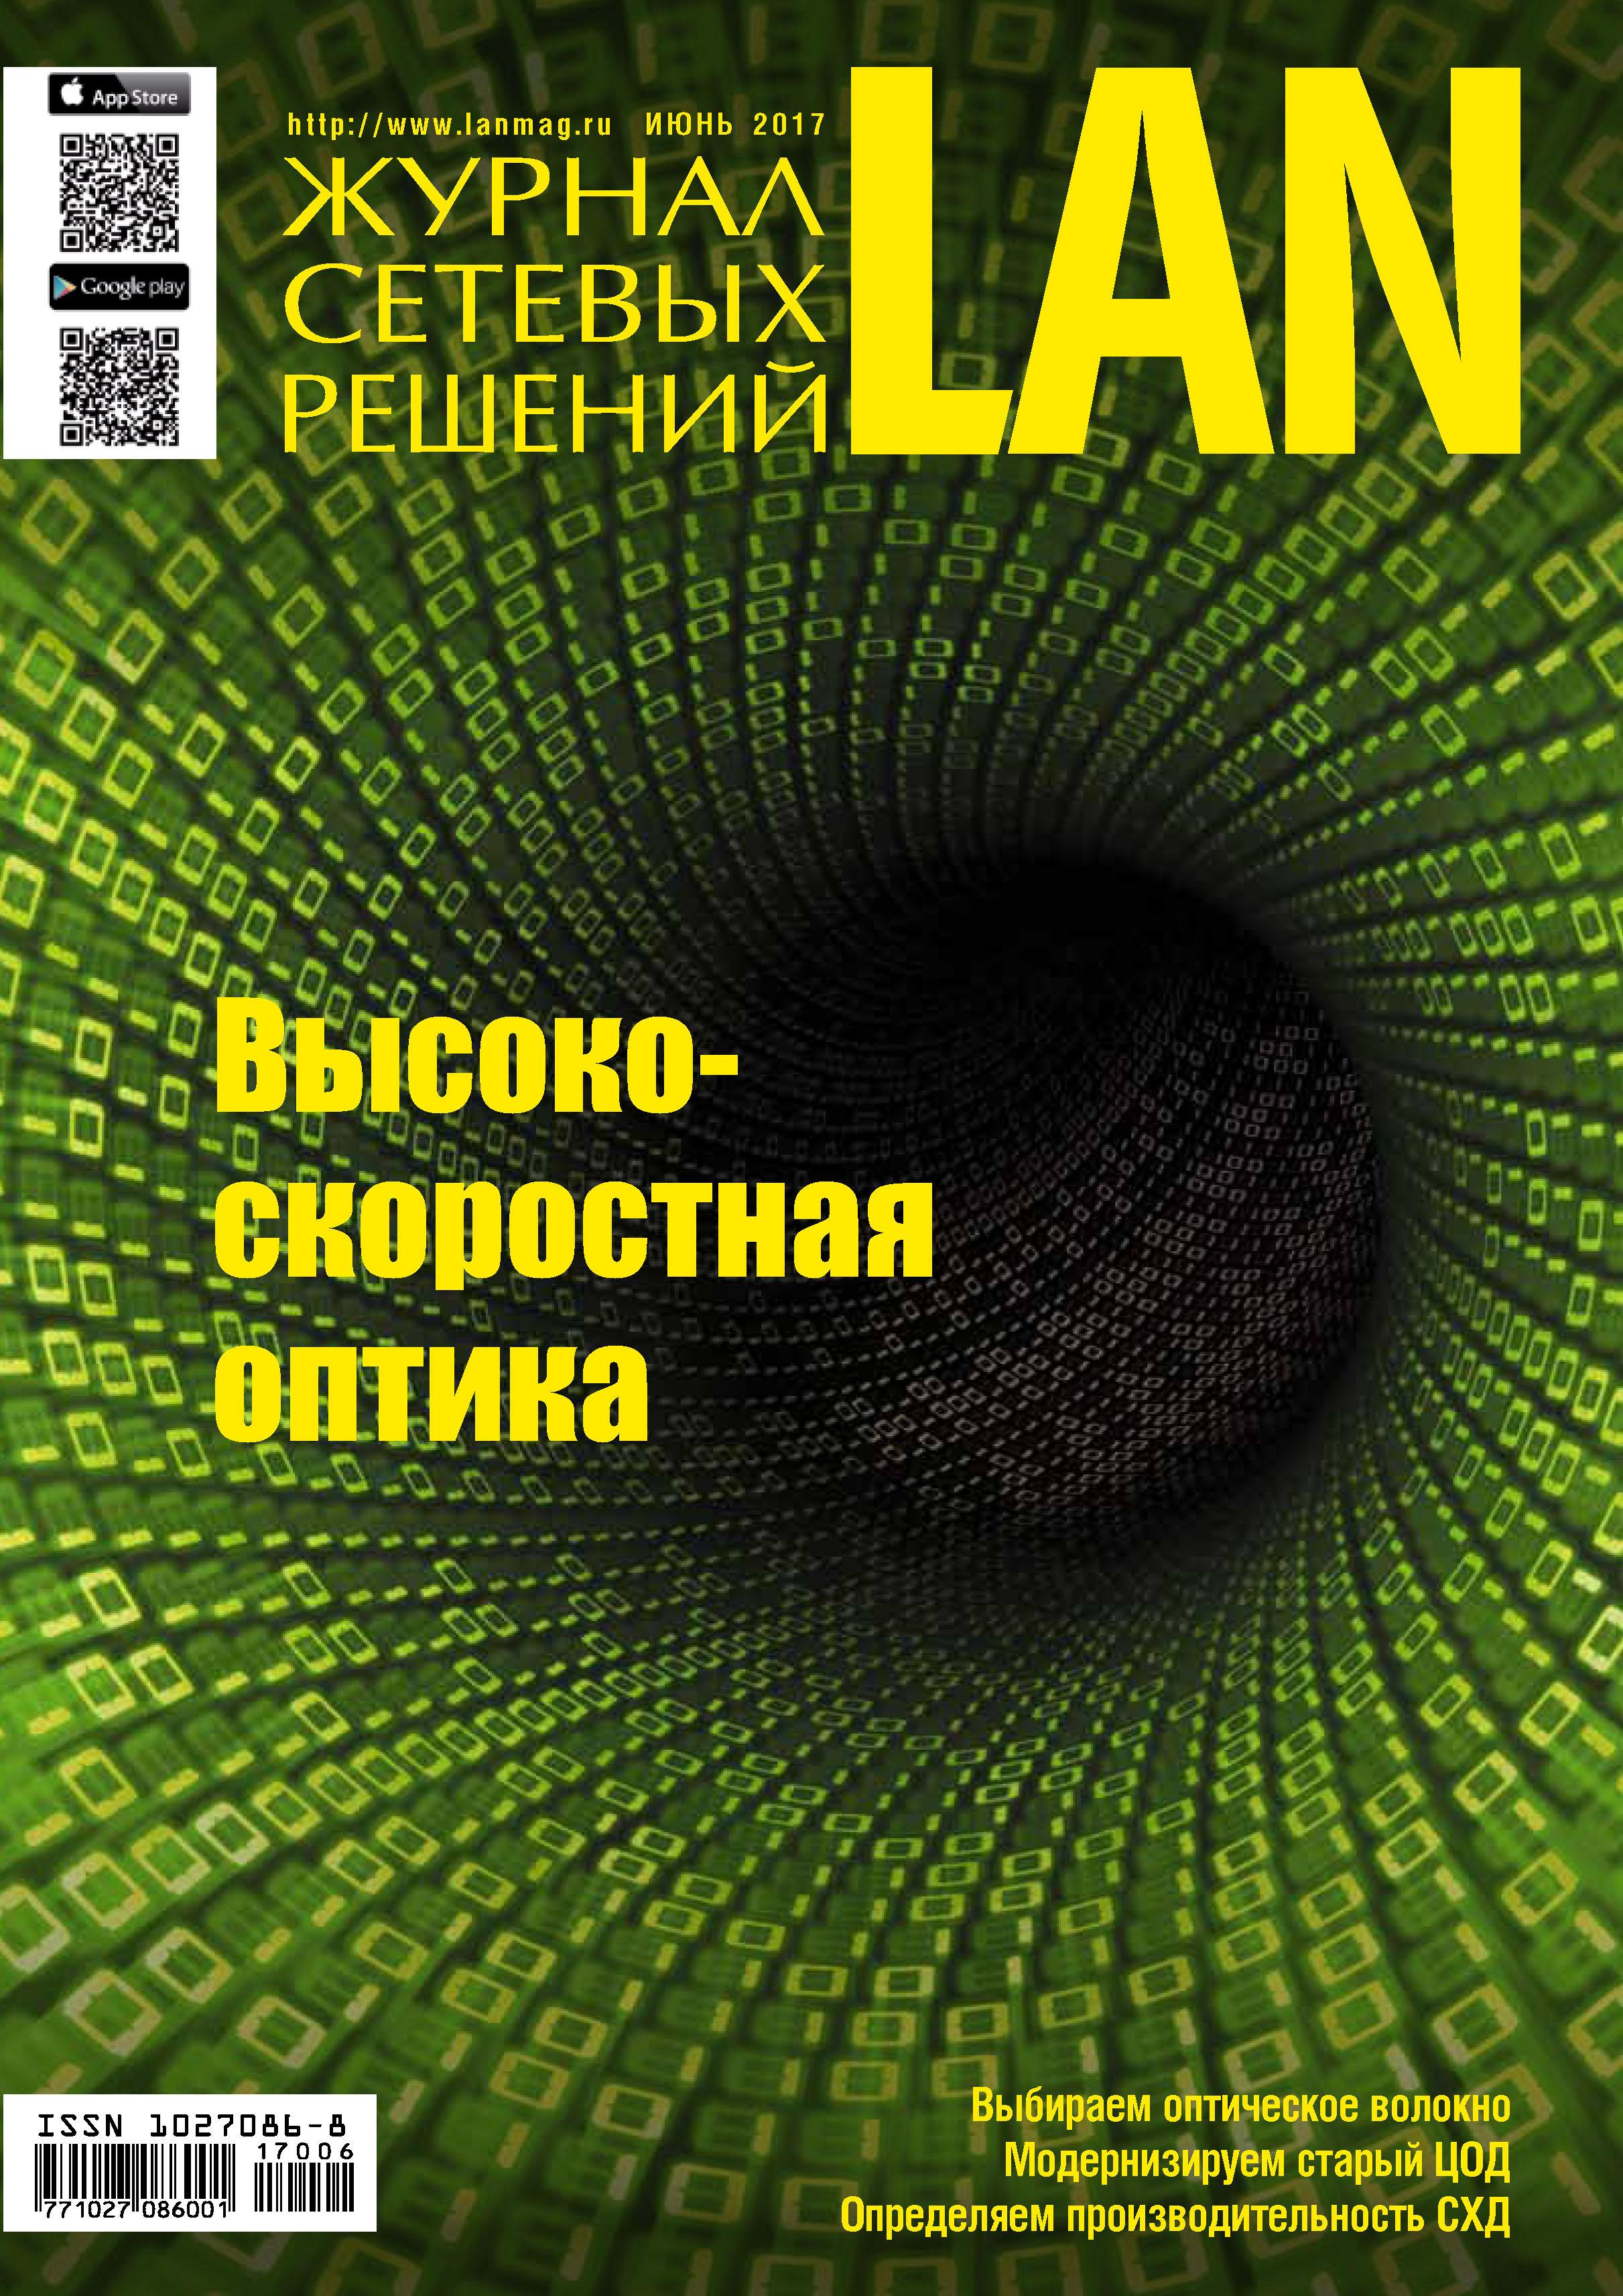 Открытые системы Журнал сетевых решений / LAN №06/2017 журнал quili pano lency